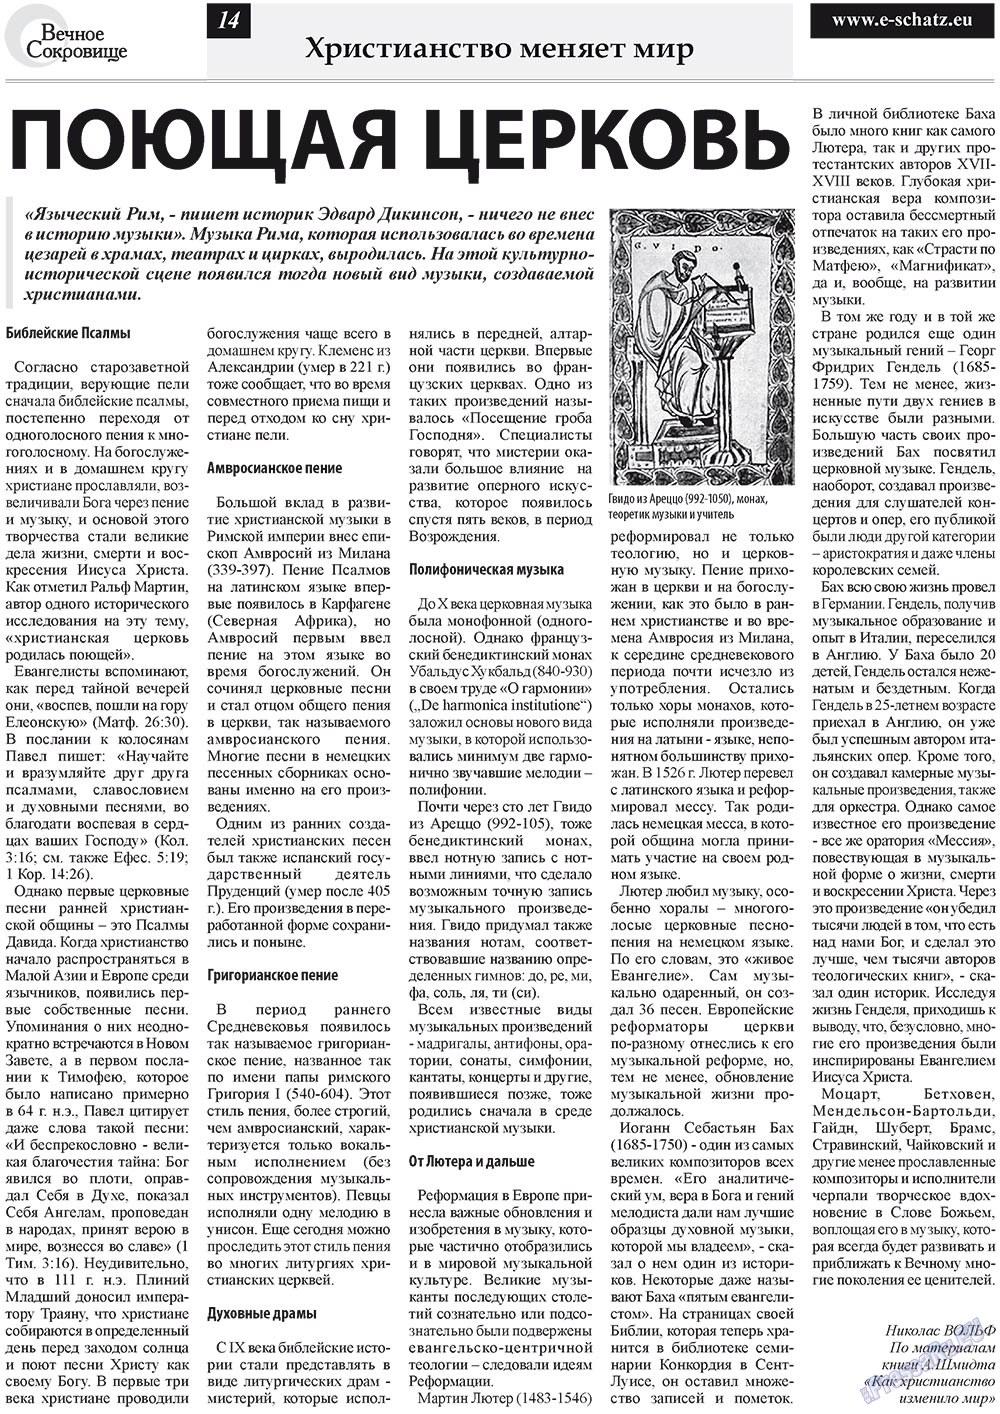 Вечное сокровище (газета). 2011 год, номер 5, стр. 14